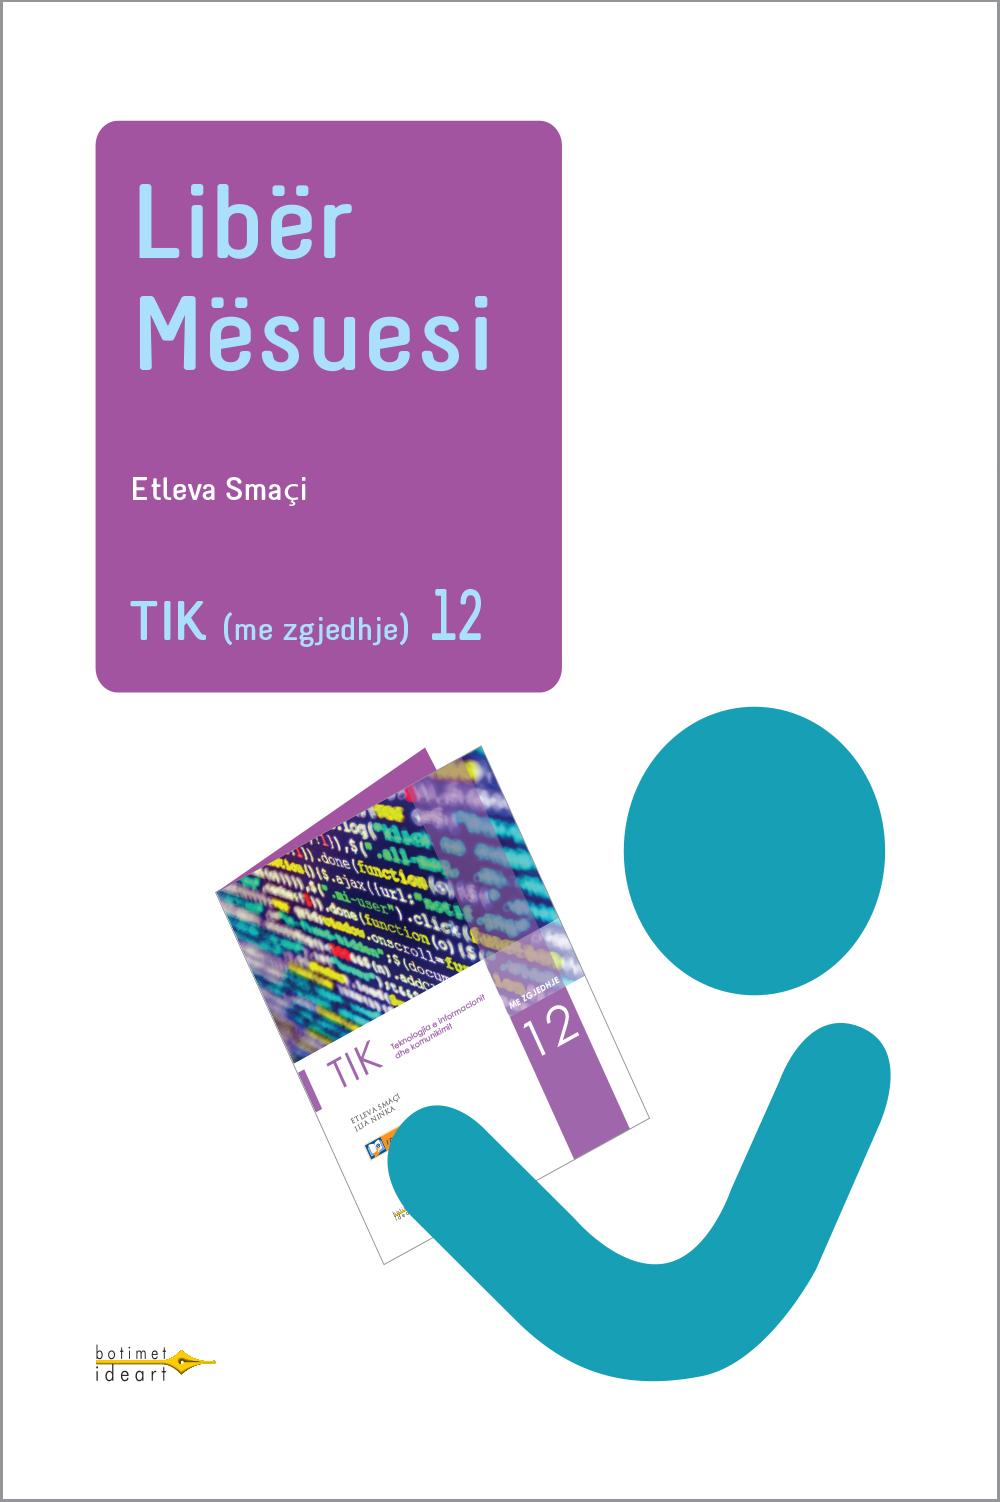 TIK 12 me zgjedhje<br>Libër Mësuesi